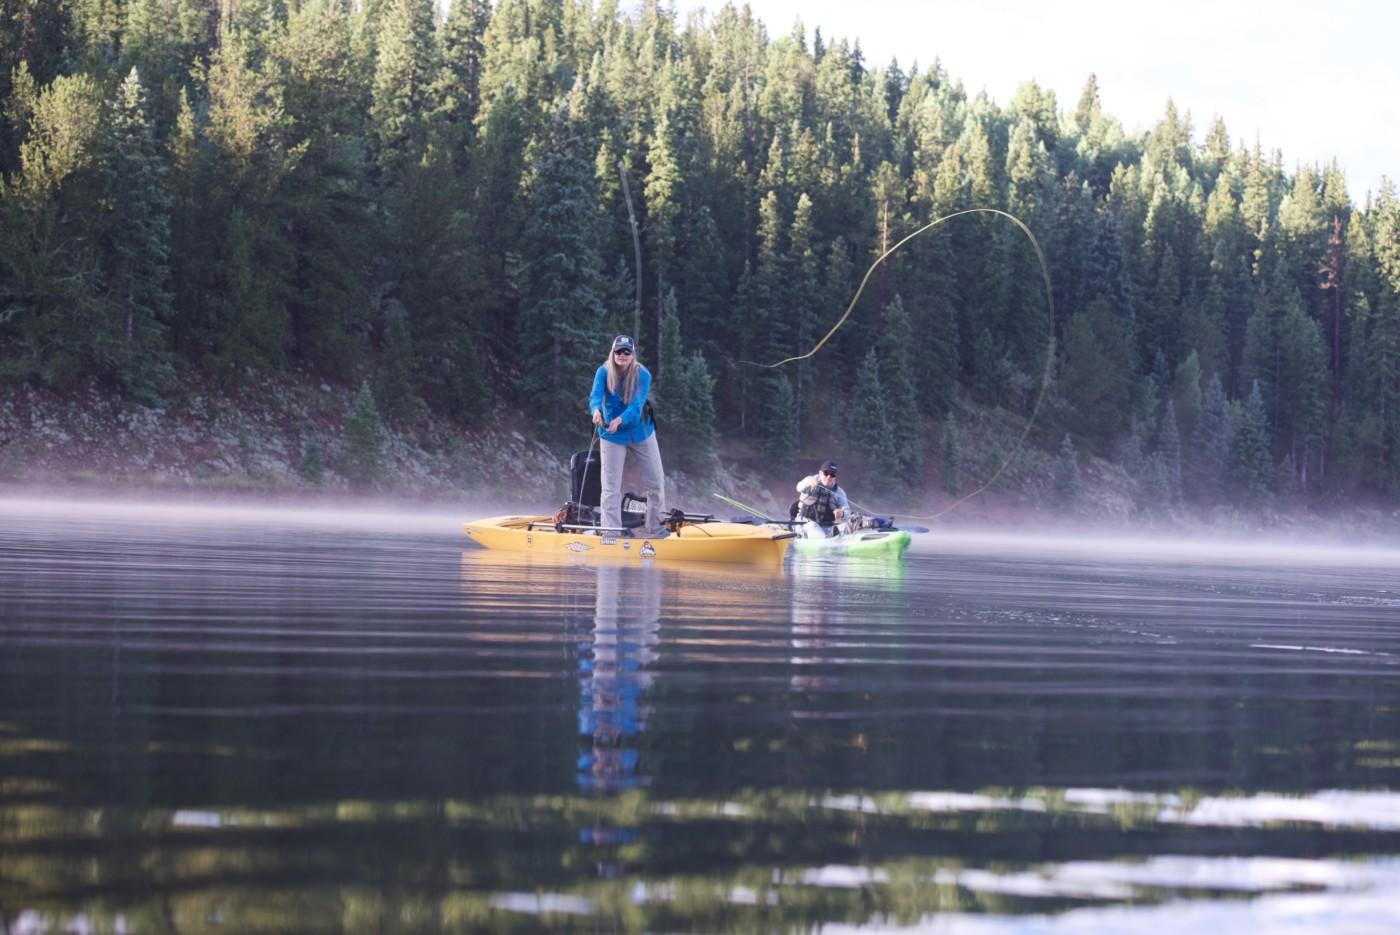 Angler on kayak casts into a misty mountain lake